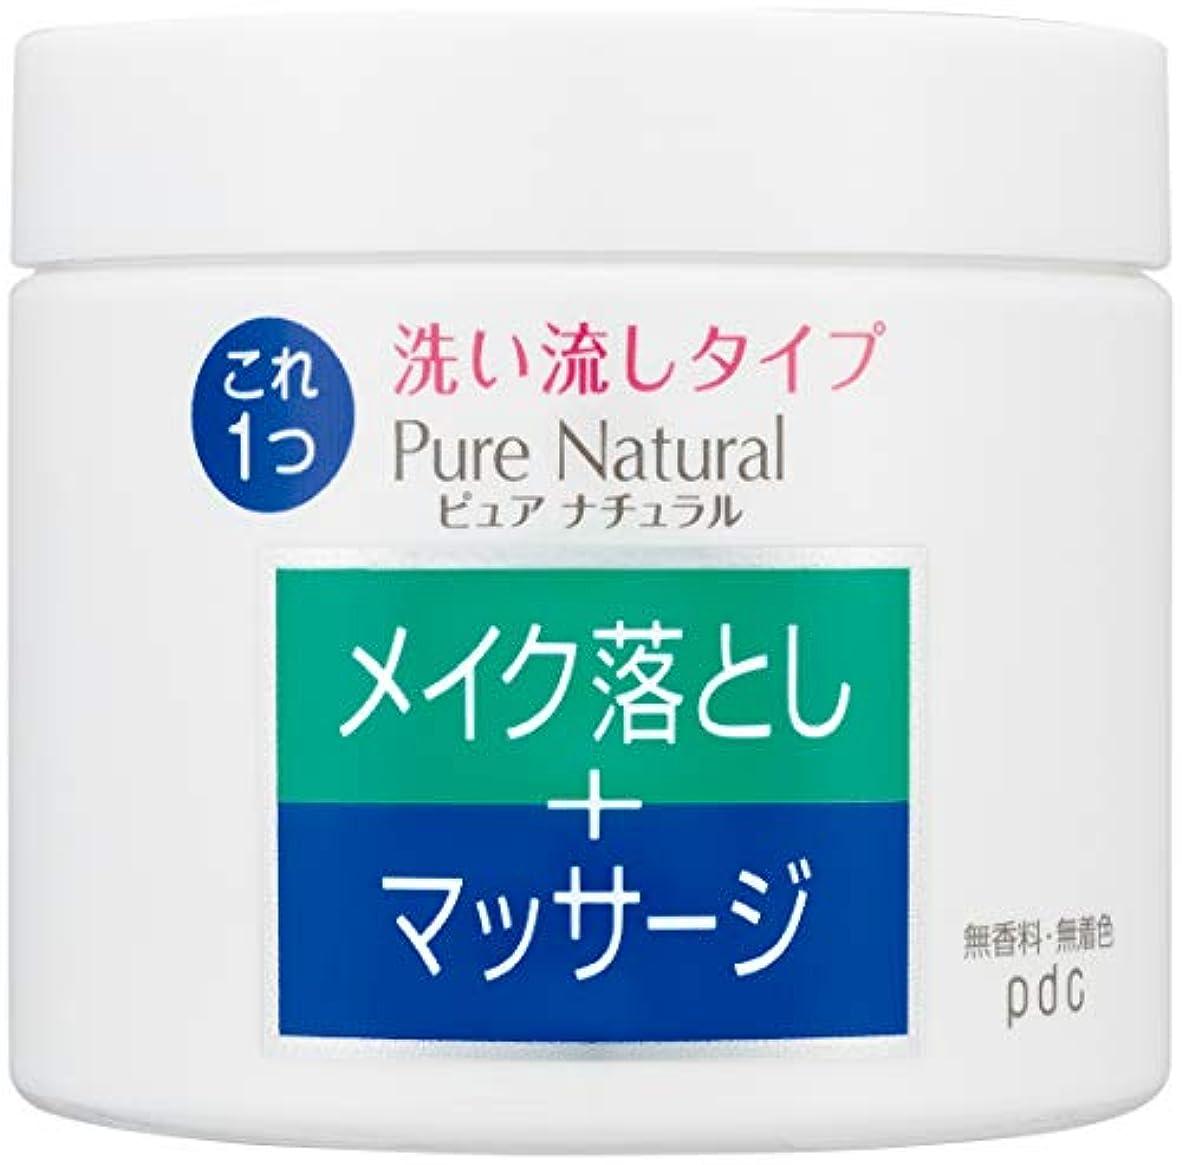 エイリアンこどもの日商品Pure NATURAL(ピュアナチュラル) マッサージクレンジング 170g